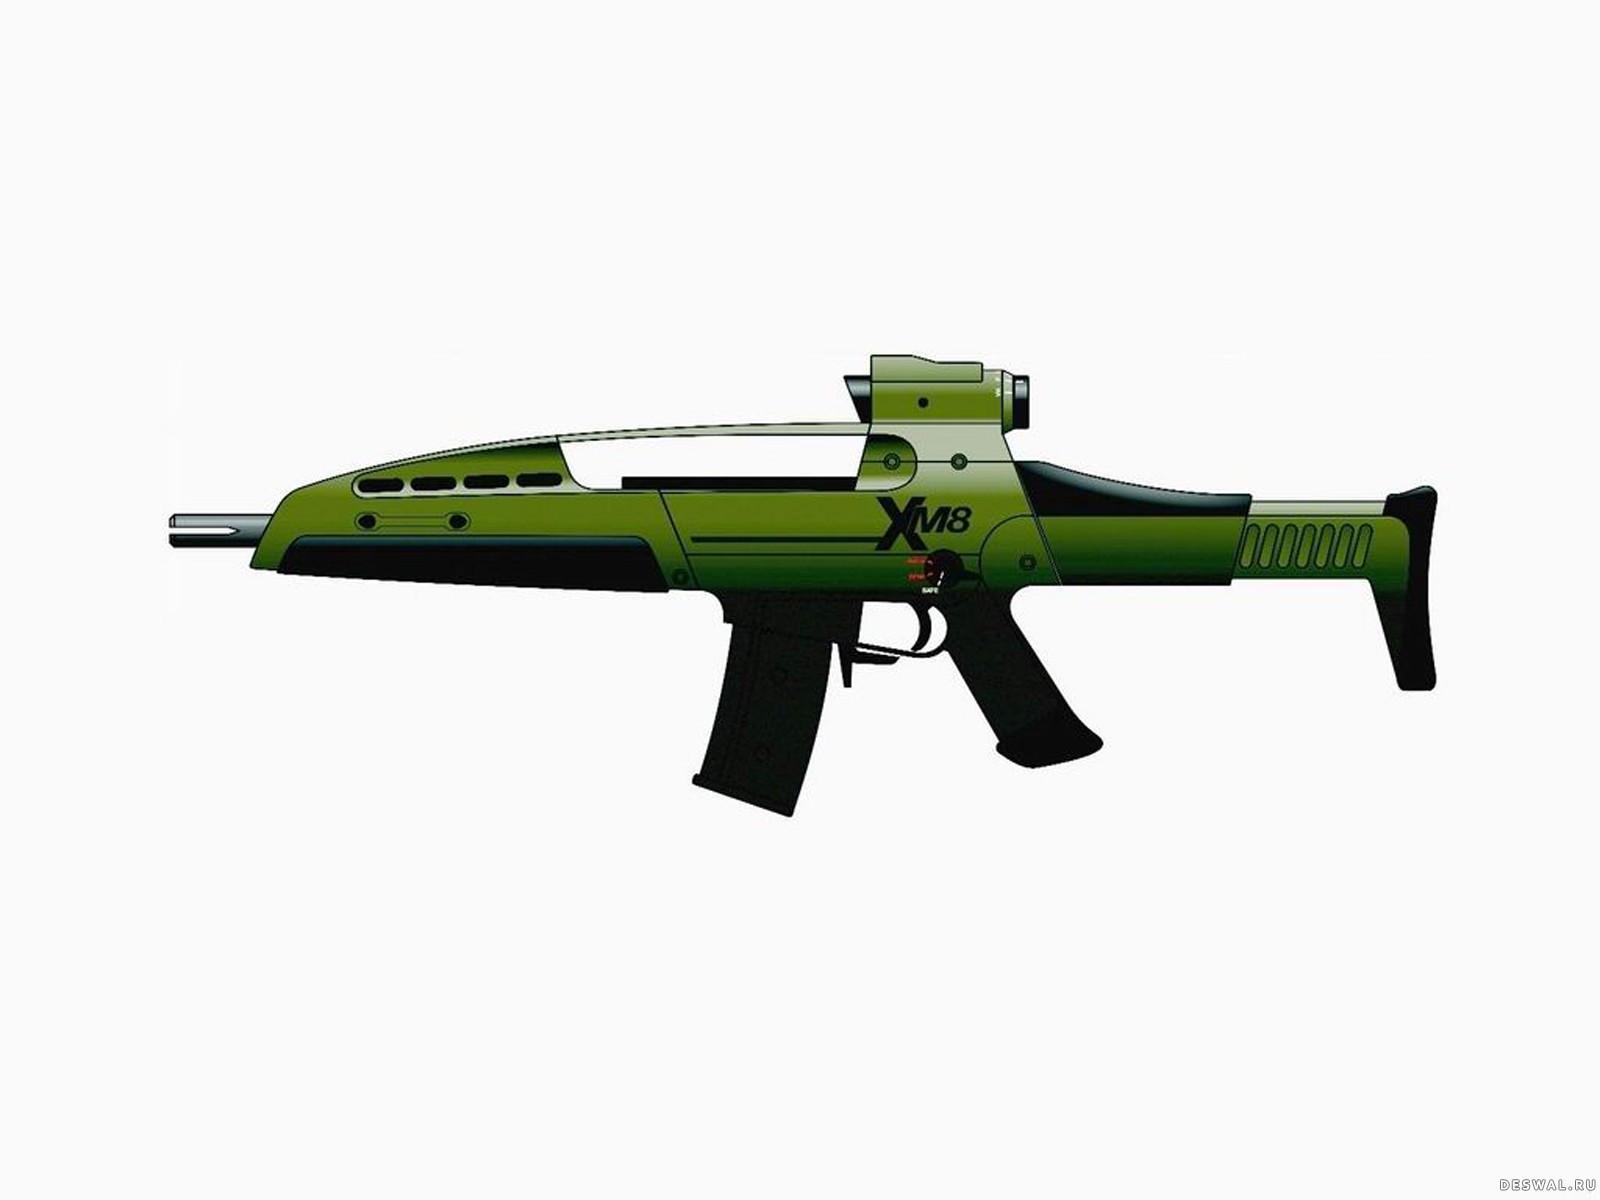 Фото 14. Нажмите на картинку с обоями оружия, чтобы просмотреть ее в реальном размере